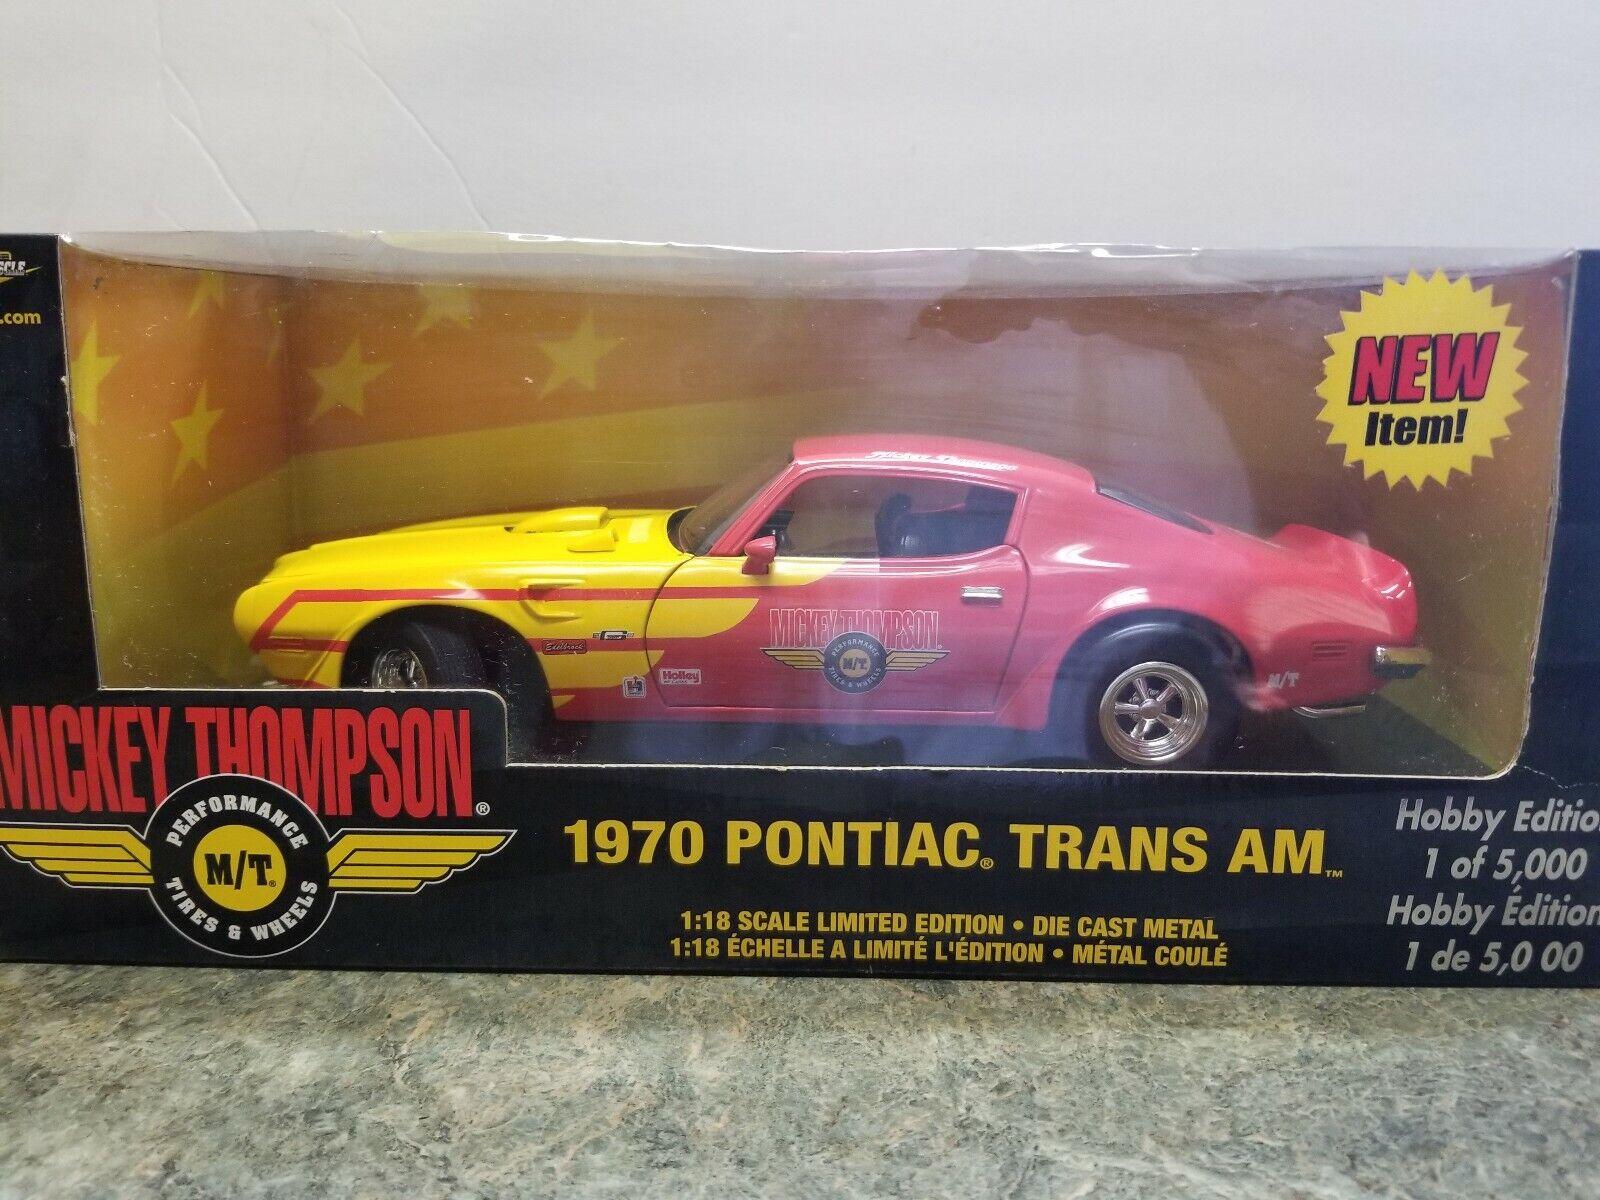 precios al por mayor 1 18 Ertl American Muscle'70 Mickey Thompson Pontiac Trans Trans Trans Am  El nuevo outlet de marcas online.